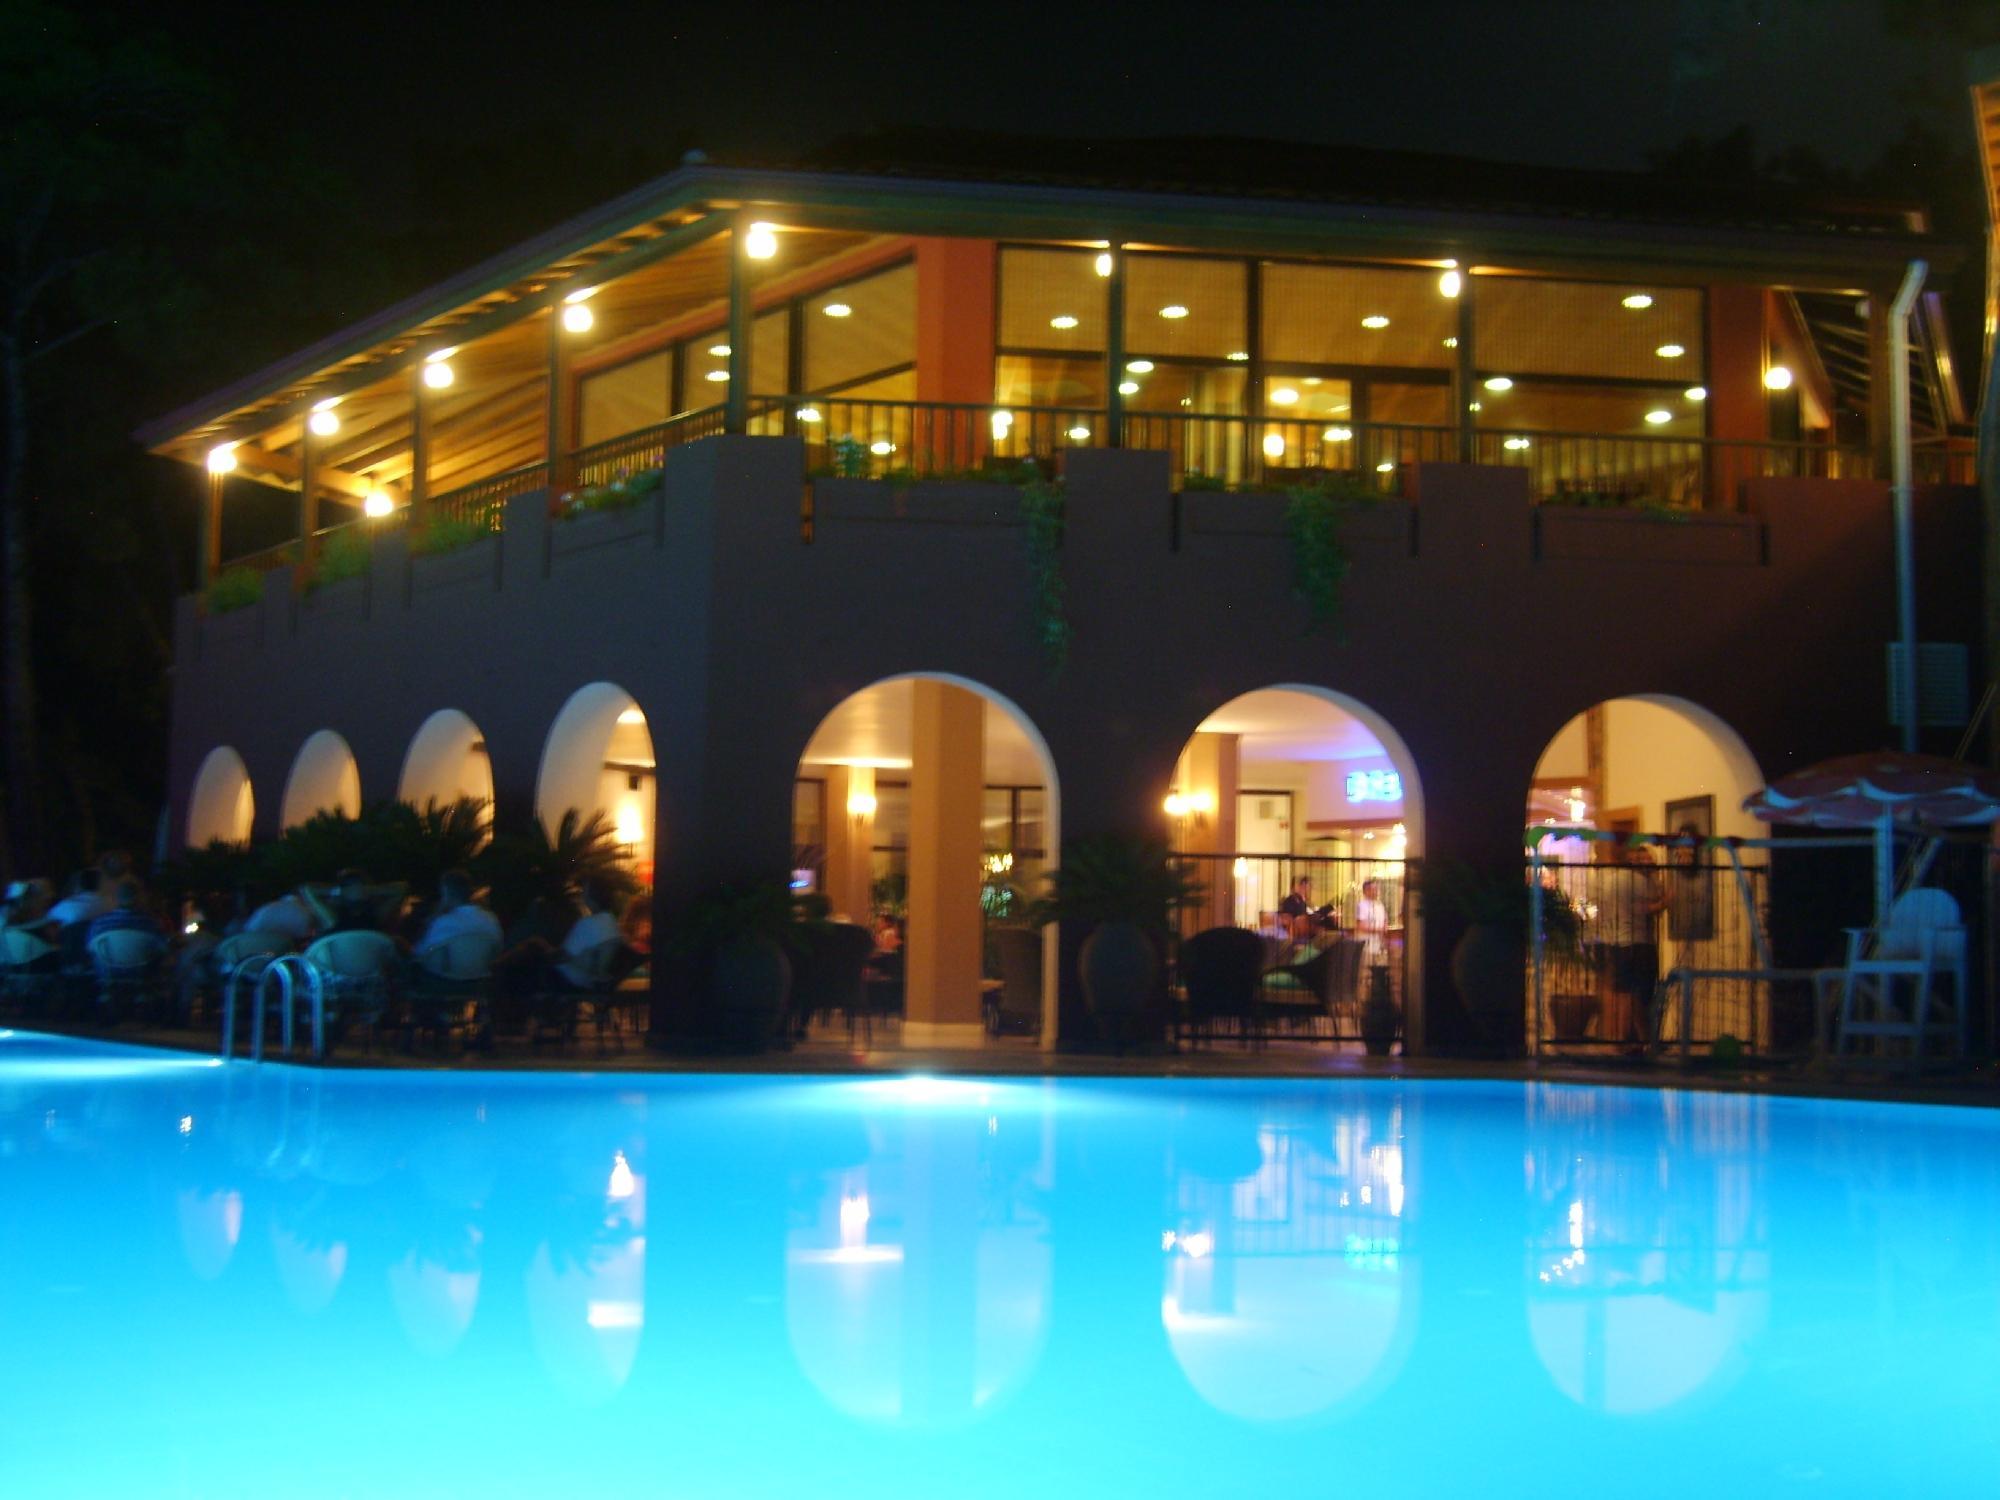 Marmaris Imperial Hotel